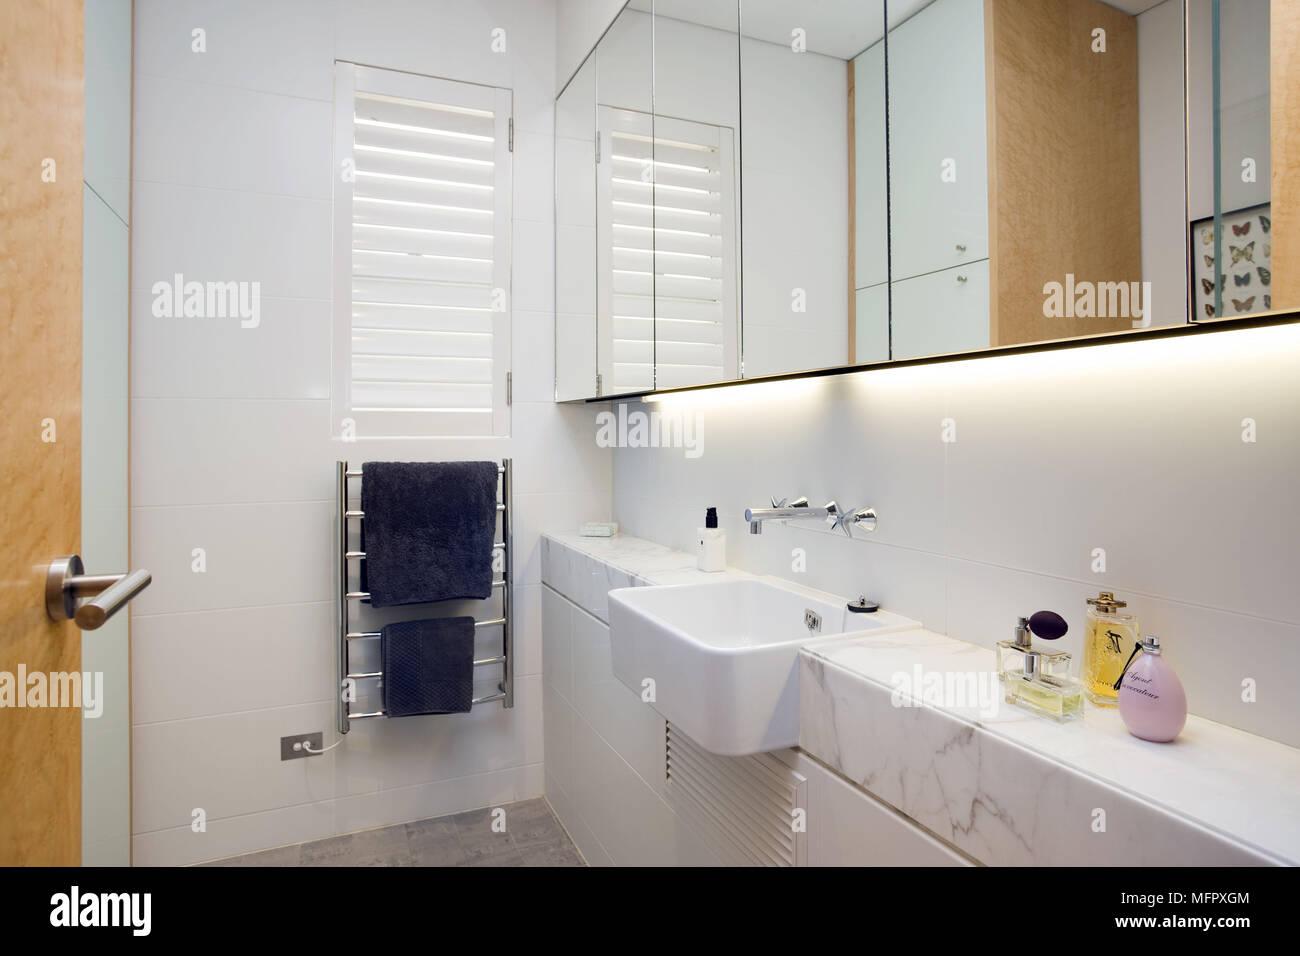 Lavabo en estantería en el cuarto de baño blanco y moderno ...